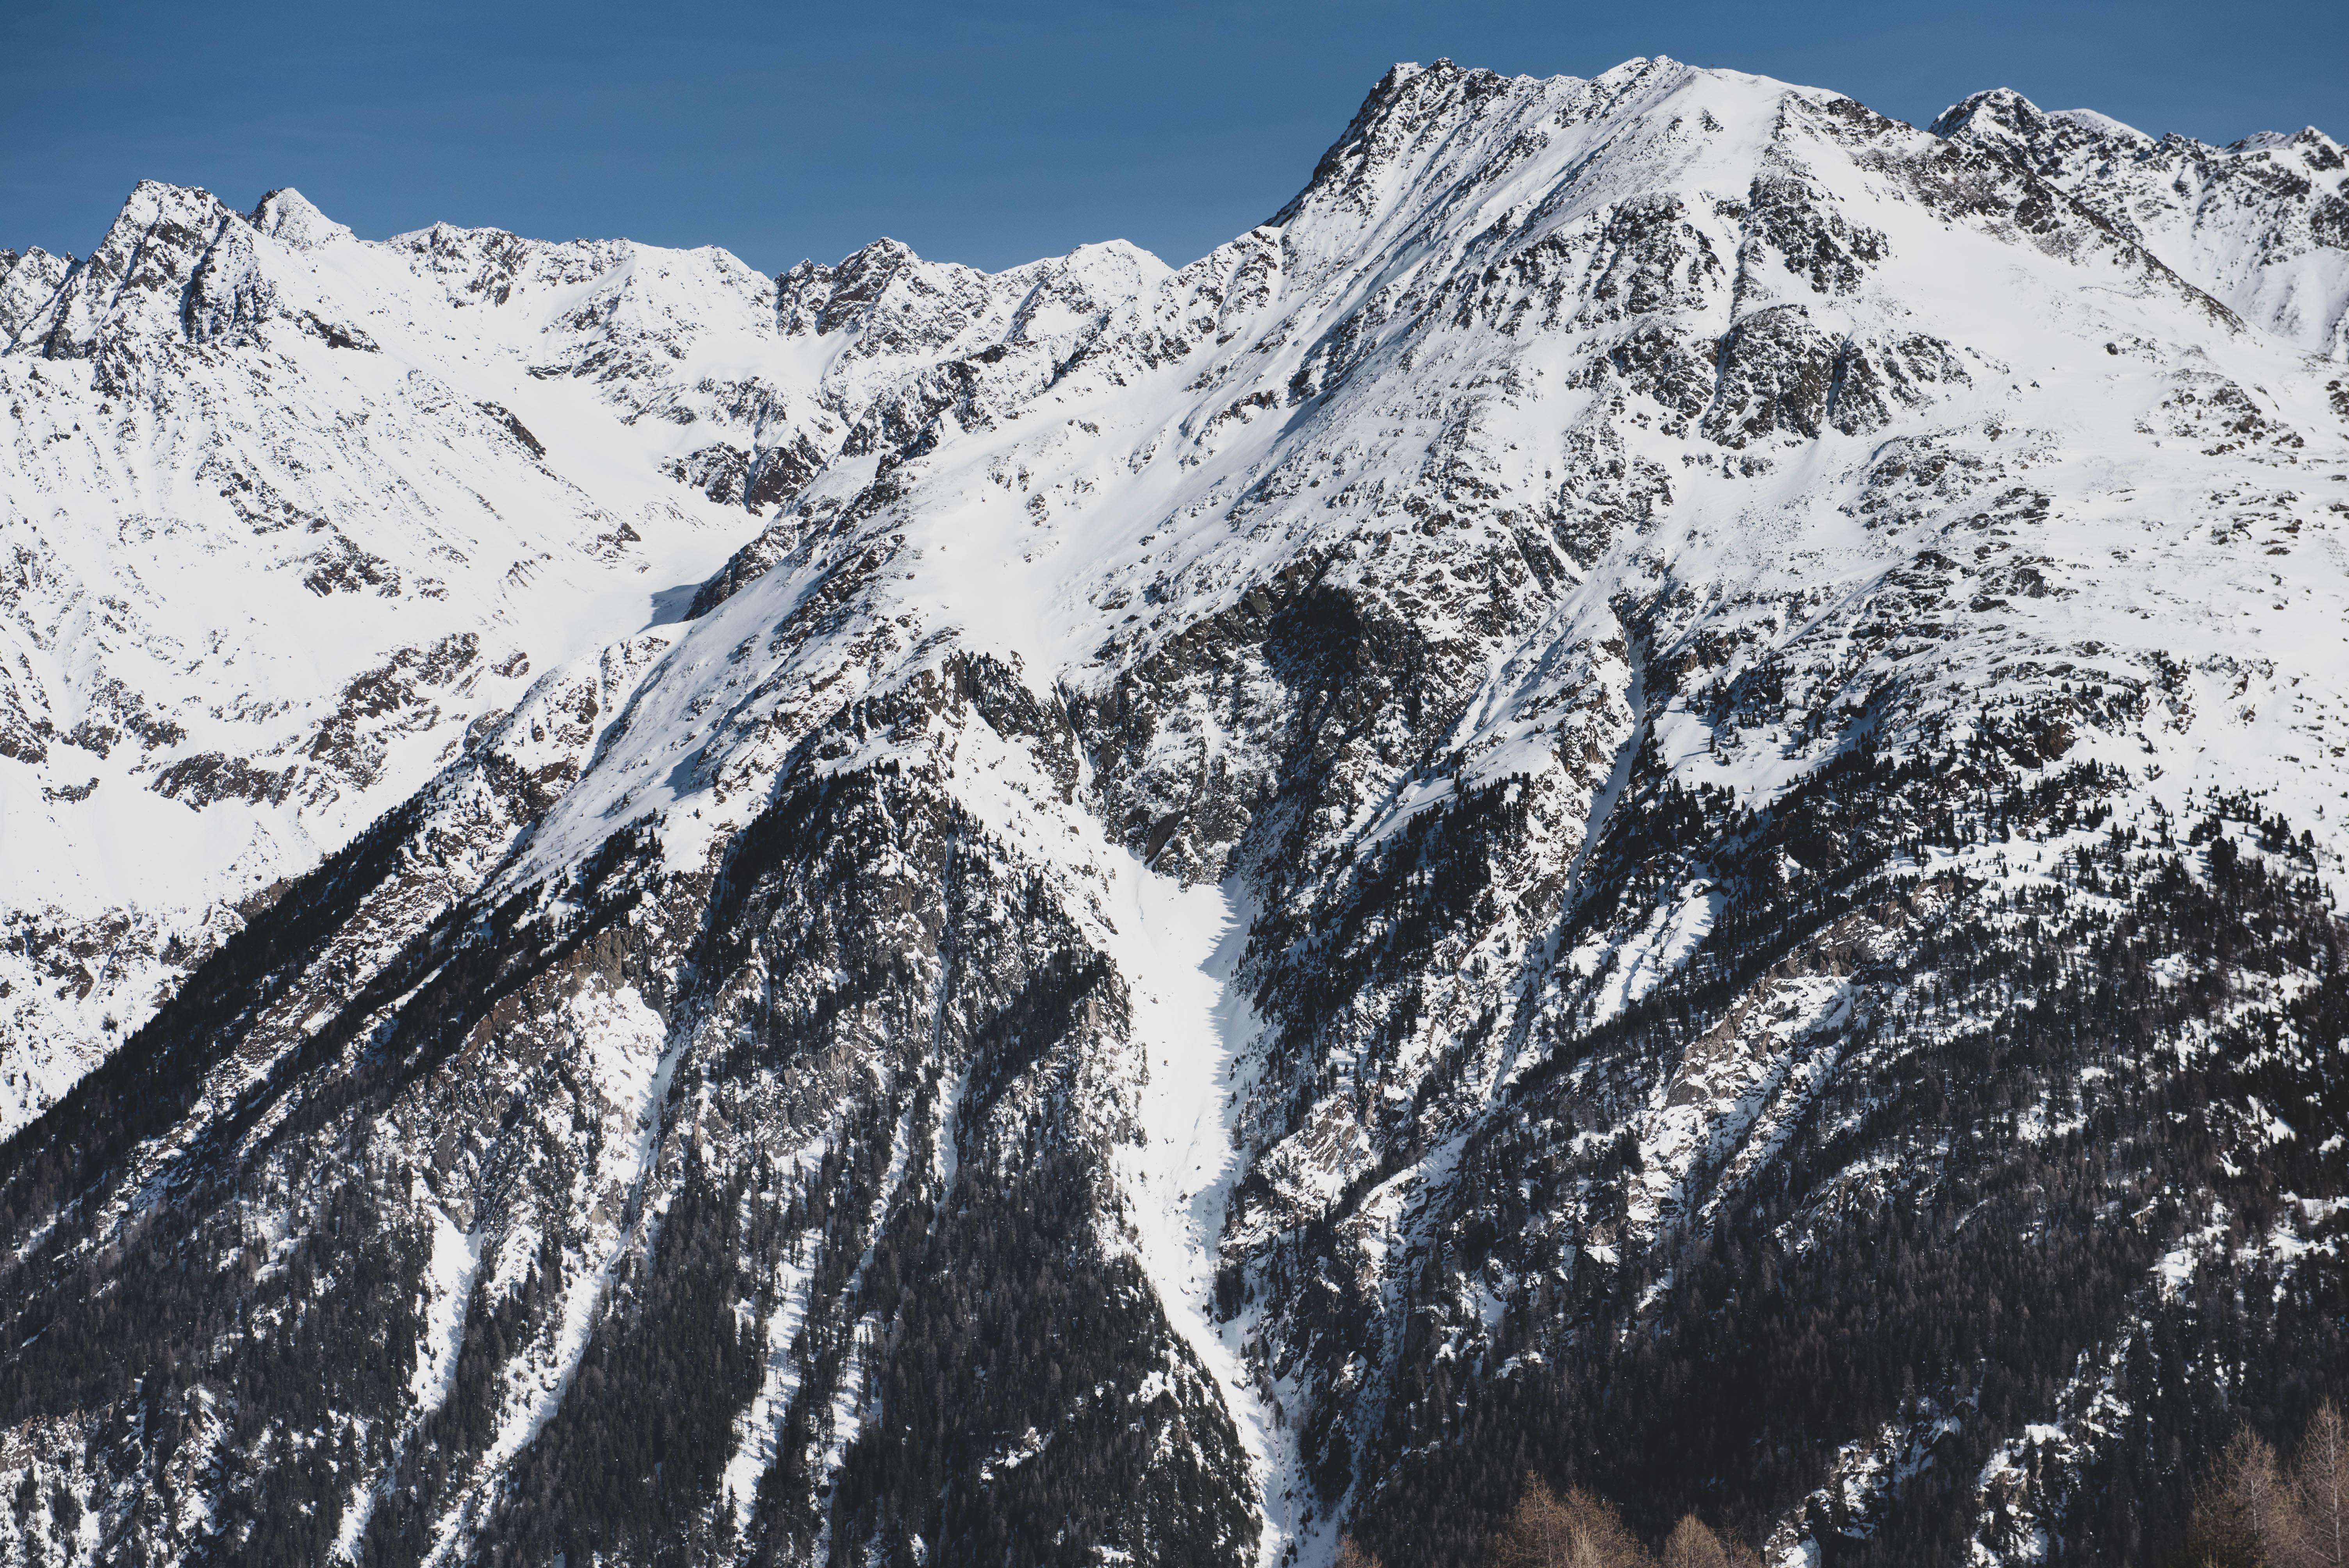 veduta delle alpi austriache